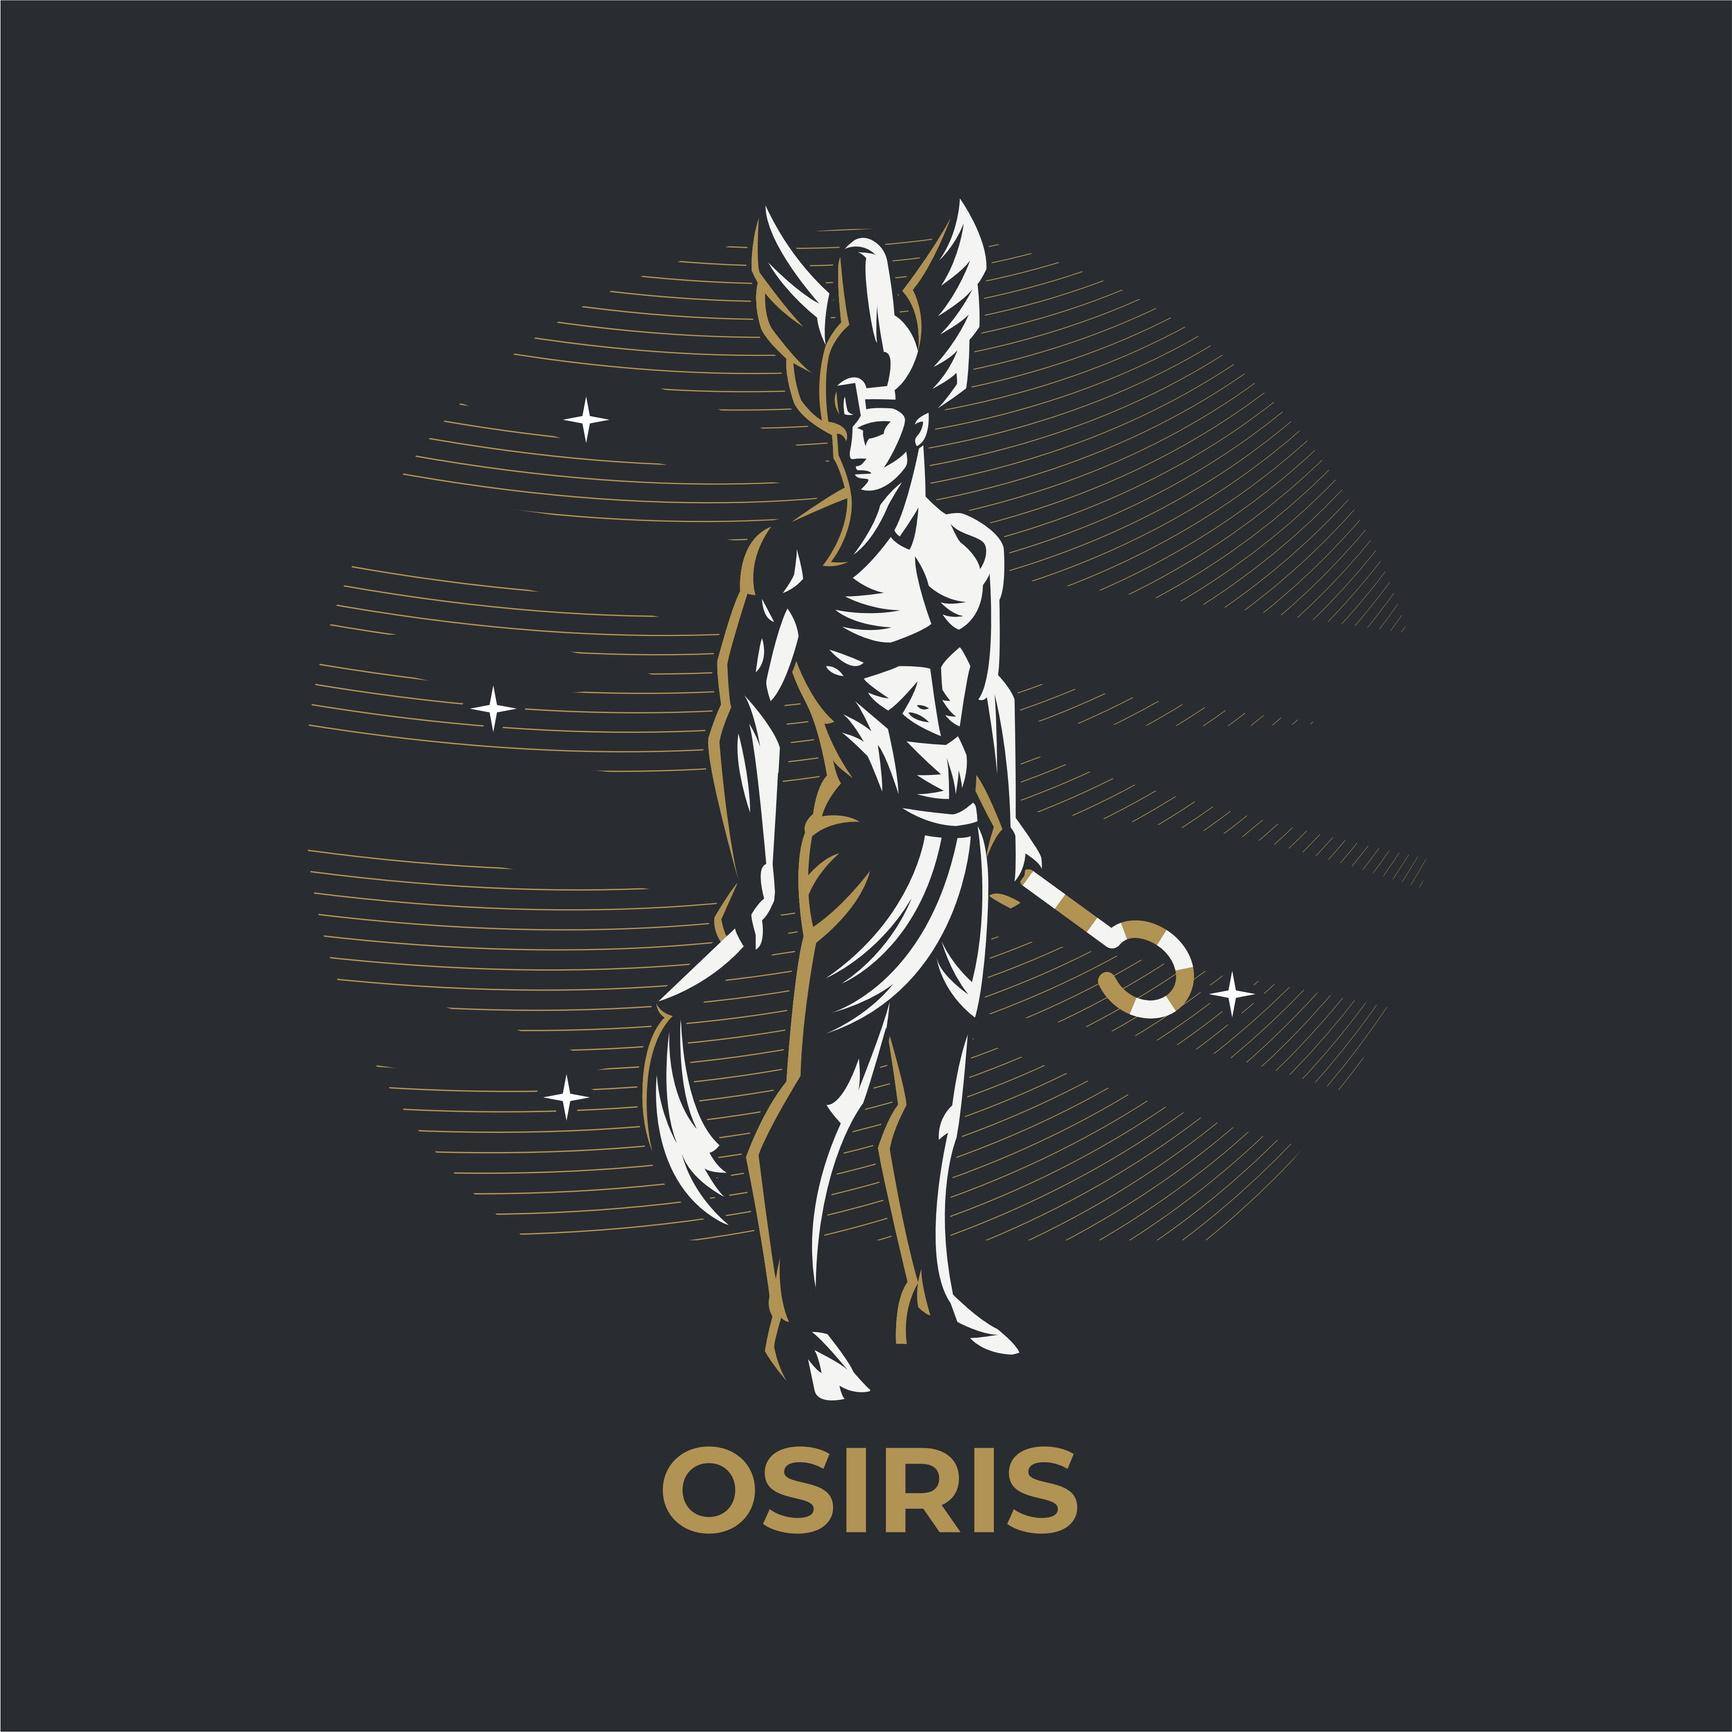 <p><strong>Озирис &ndash; бог на подземния свят и съдия на мъртвите &ndash; Овен</strong></p>  <p>Родените по знака на Озирис често се открояват със своята интелигентност и предприемчивост. Тези хора са родени лидери и обичат да поемат отговорности в работна среда.</p>